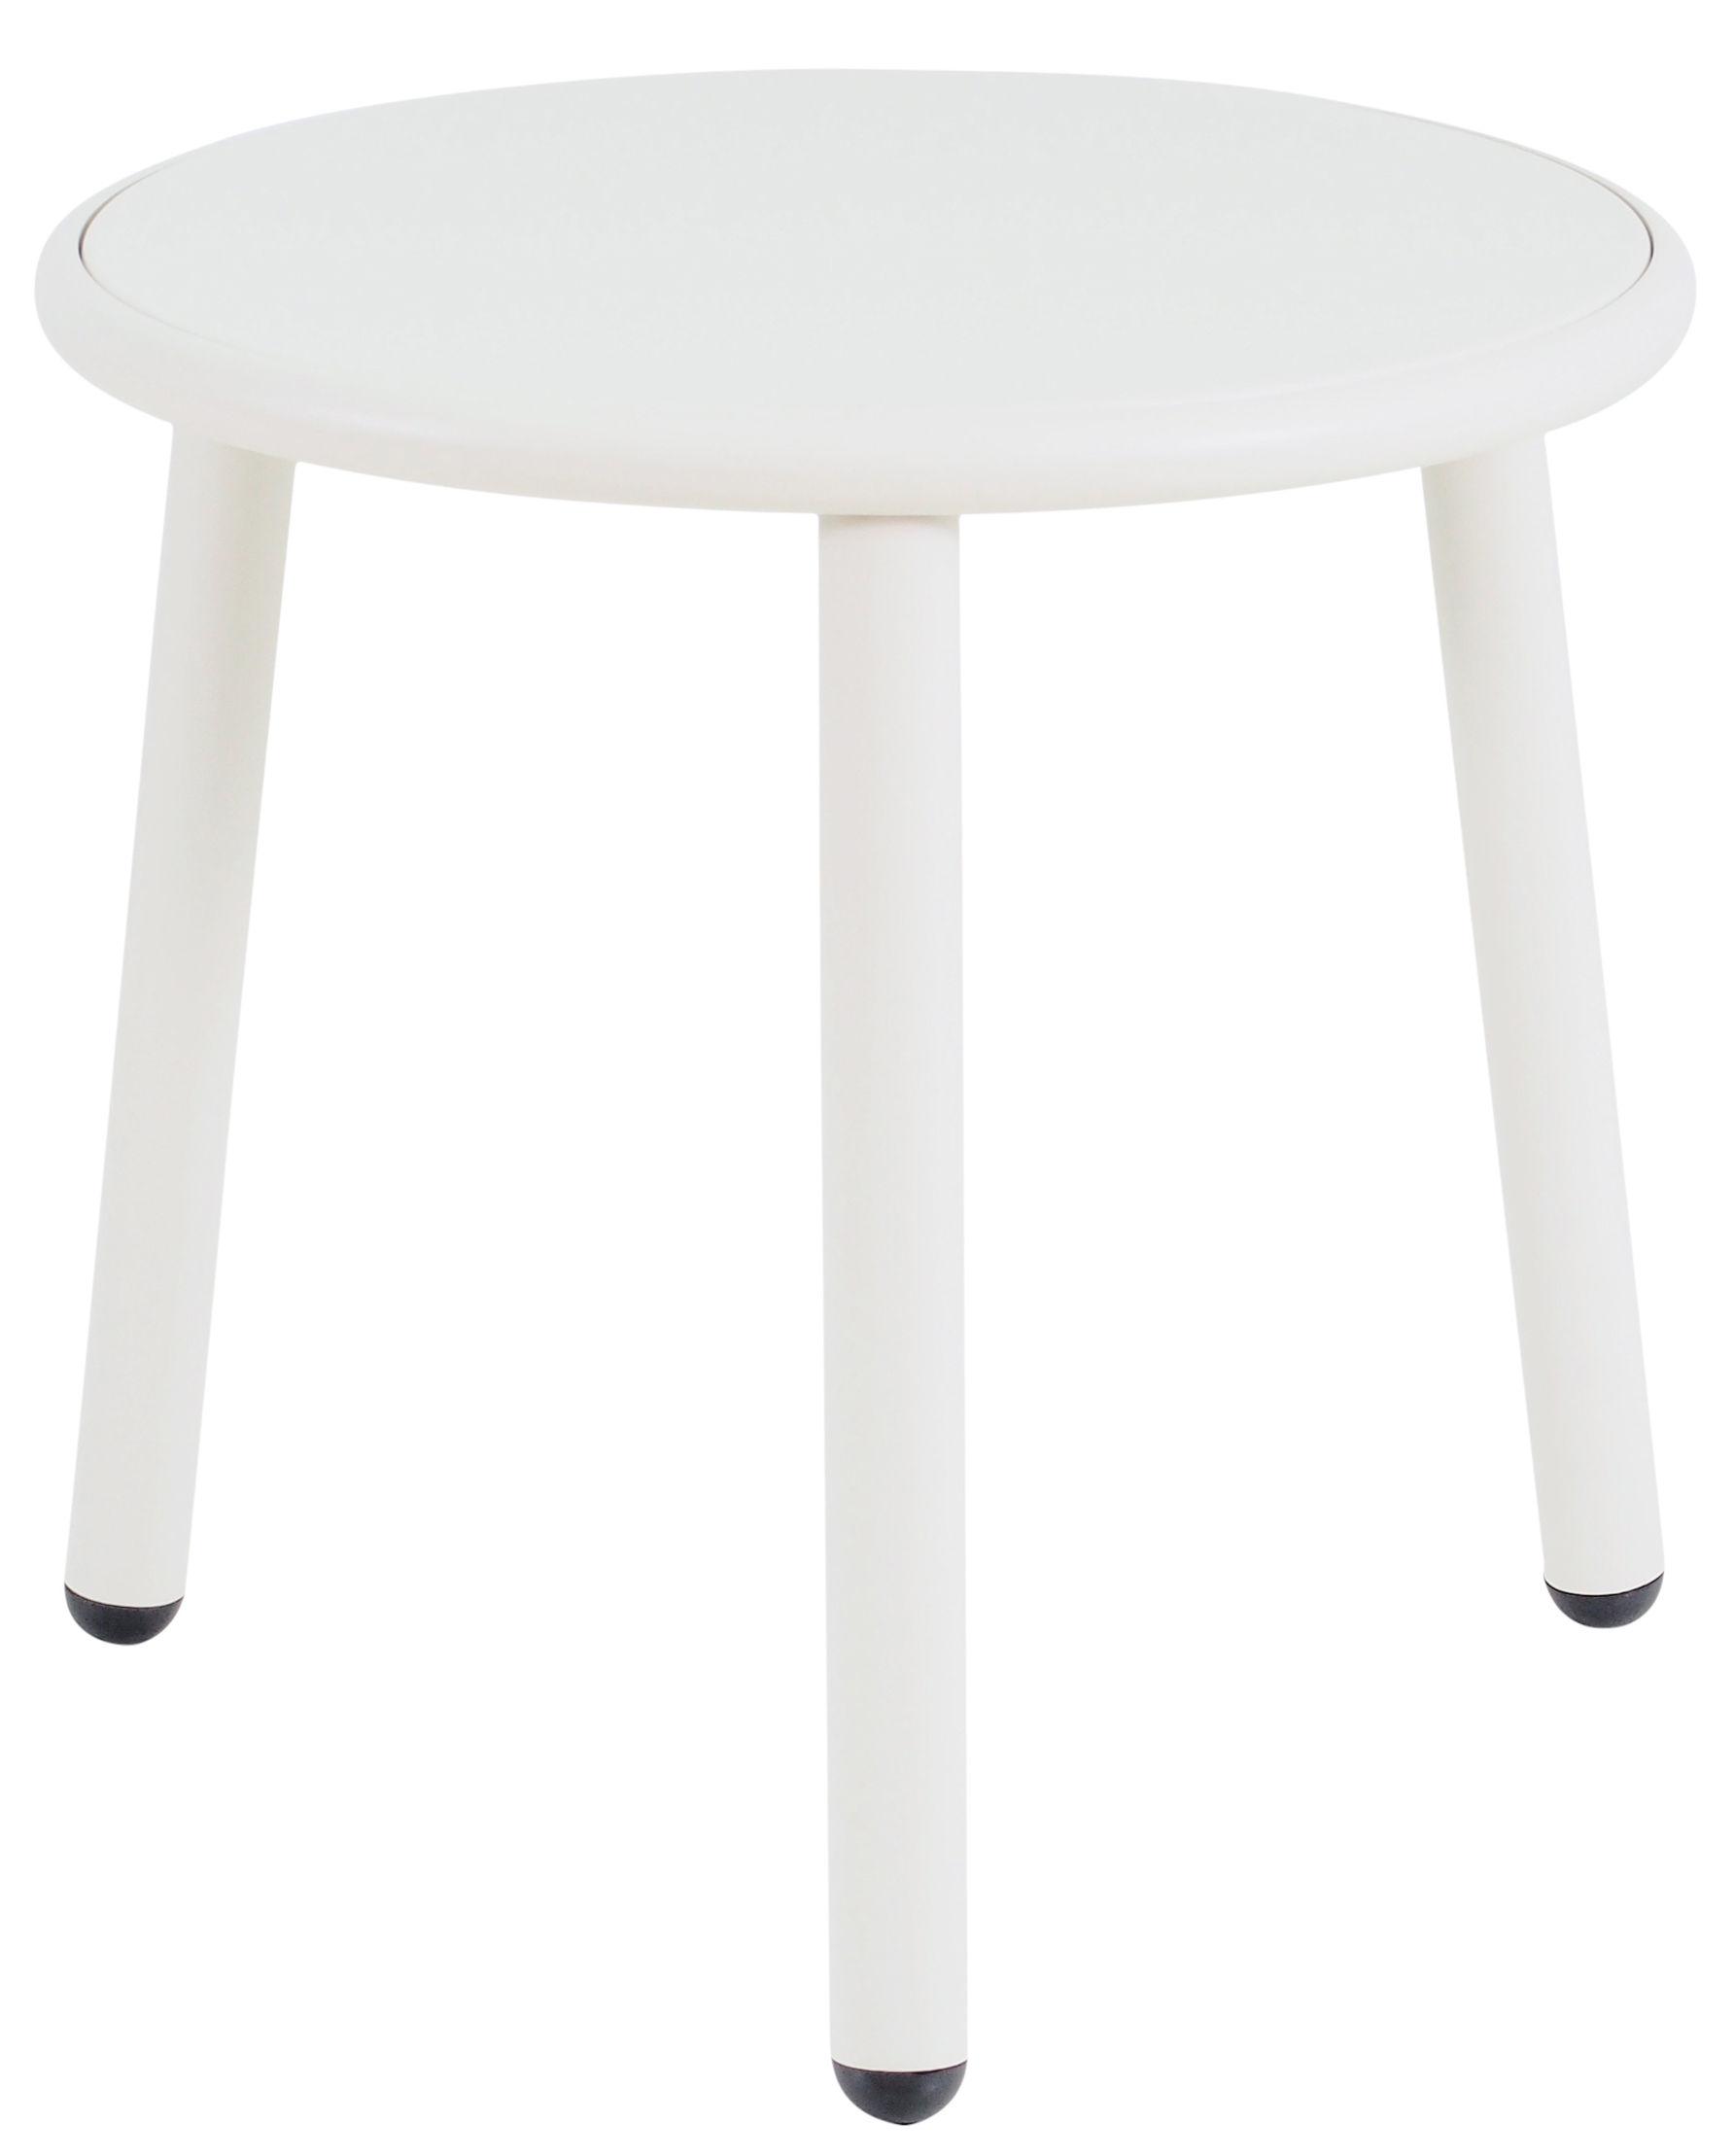 Arredamento - Tavolini  - Tavolino Yard - / Ø 50 cm di Emu - Bianco / Piano Bianco - alluminio verniciato